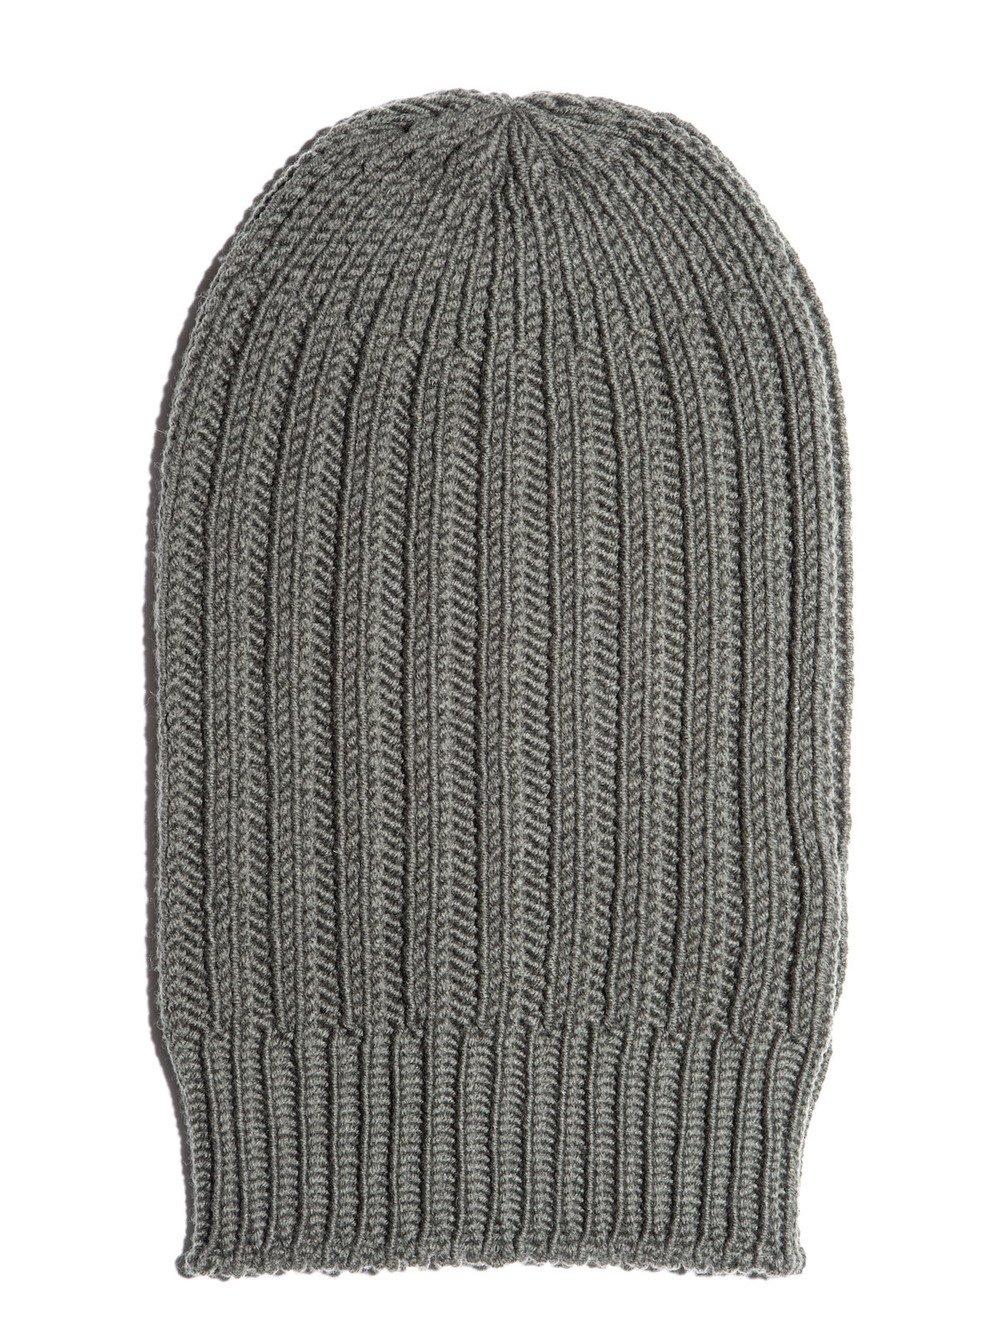 rick owens grey ribbed hat